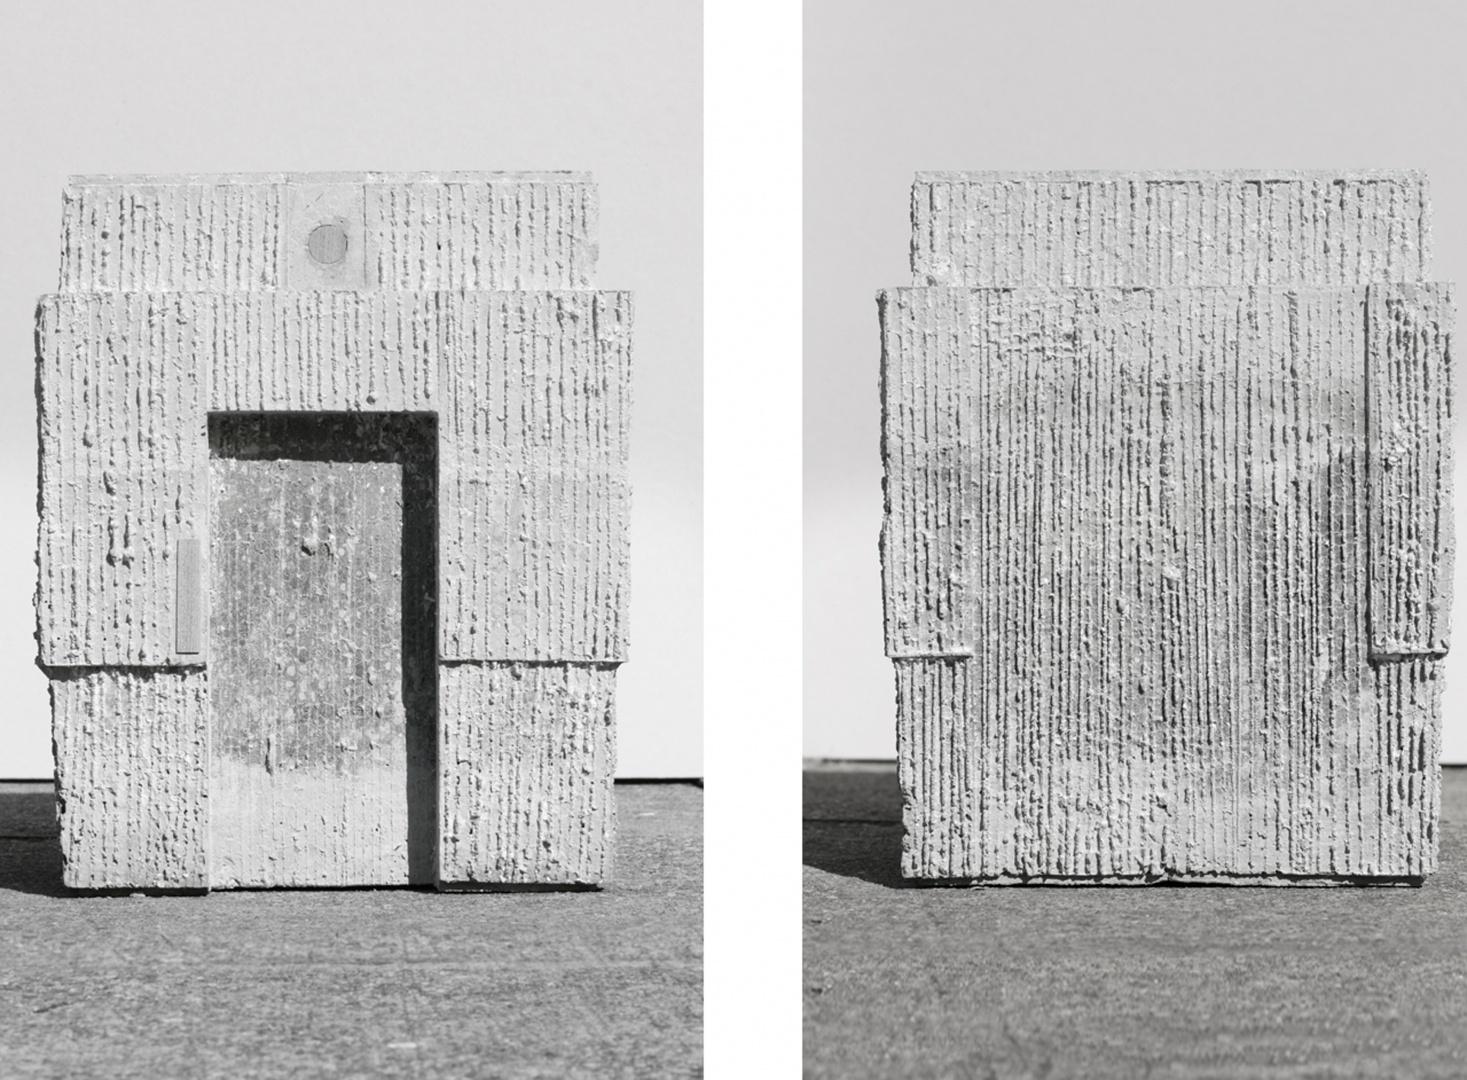 Züri WC am Stadthausquai, Modell © Michael Meier Marius Hug Architekten AG Zürich